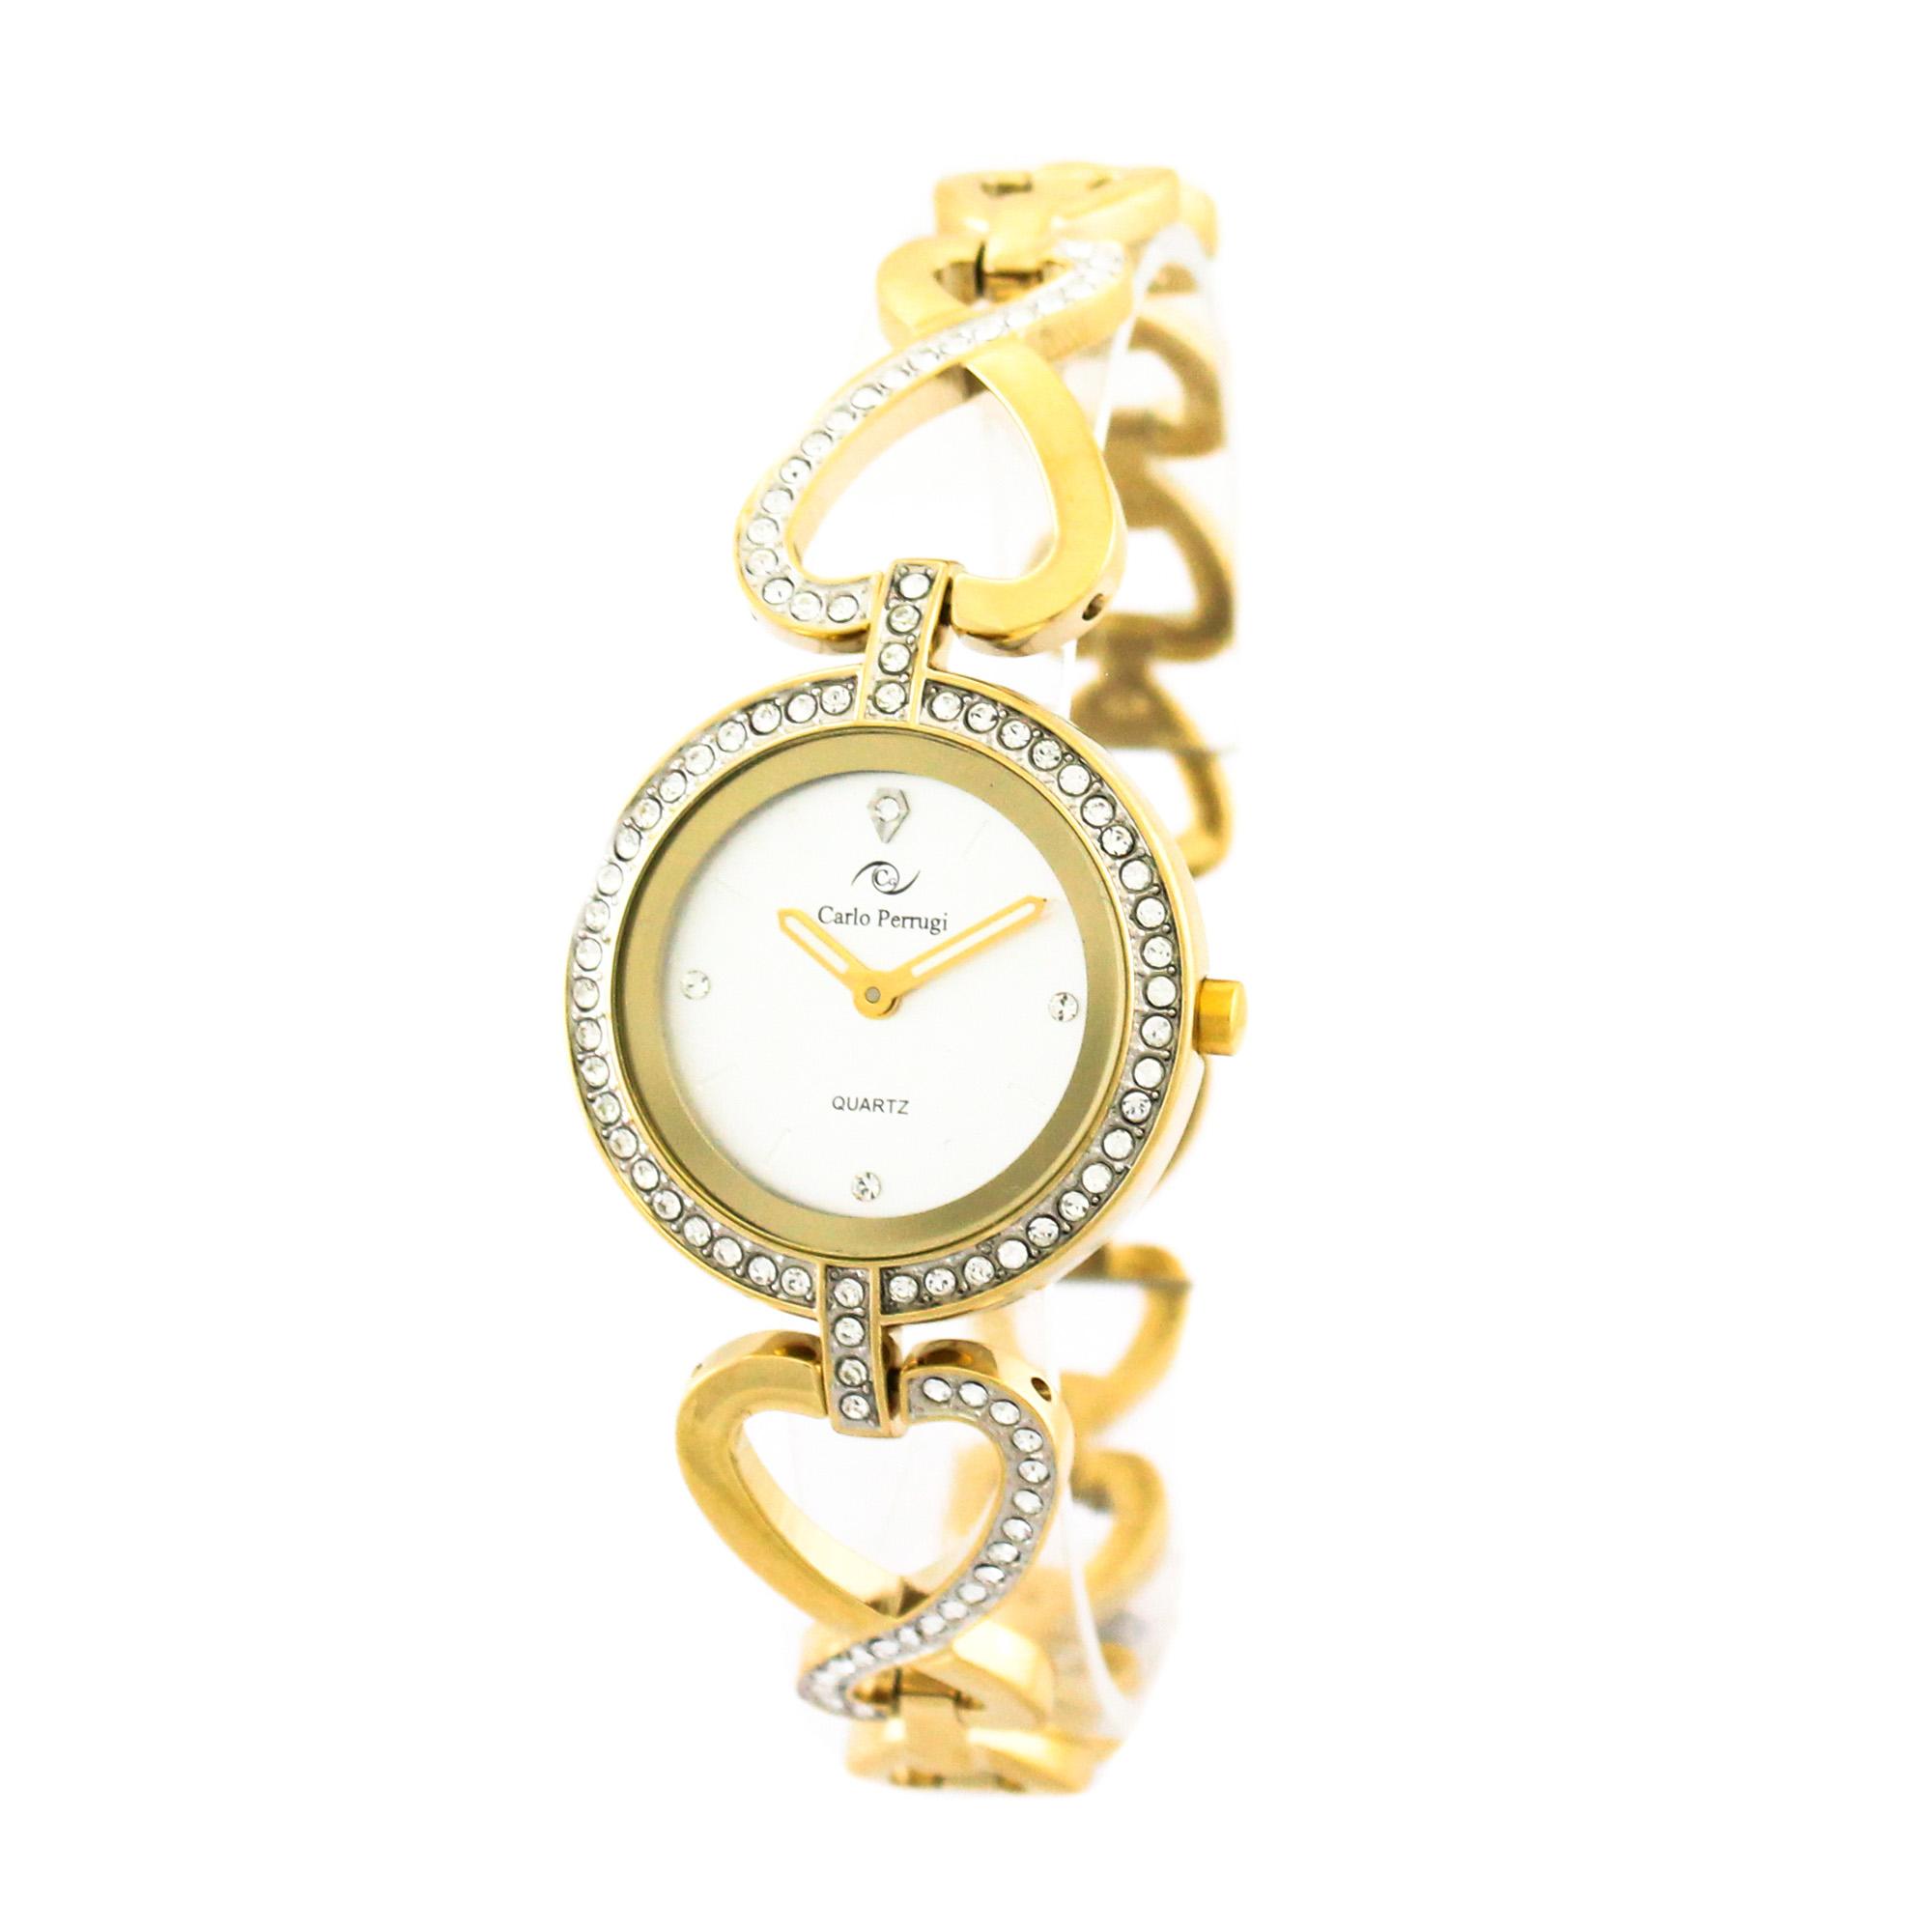 ساعت مچی عقربه ای زنانه کارلو پروجی مدل SL002000-1 20